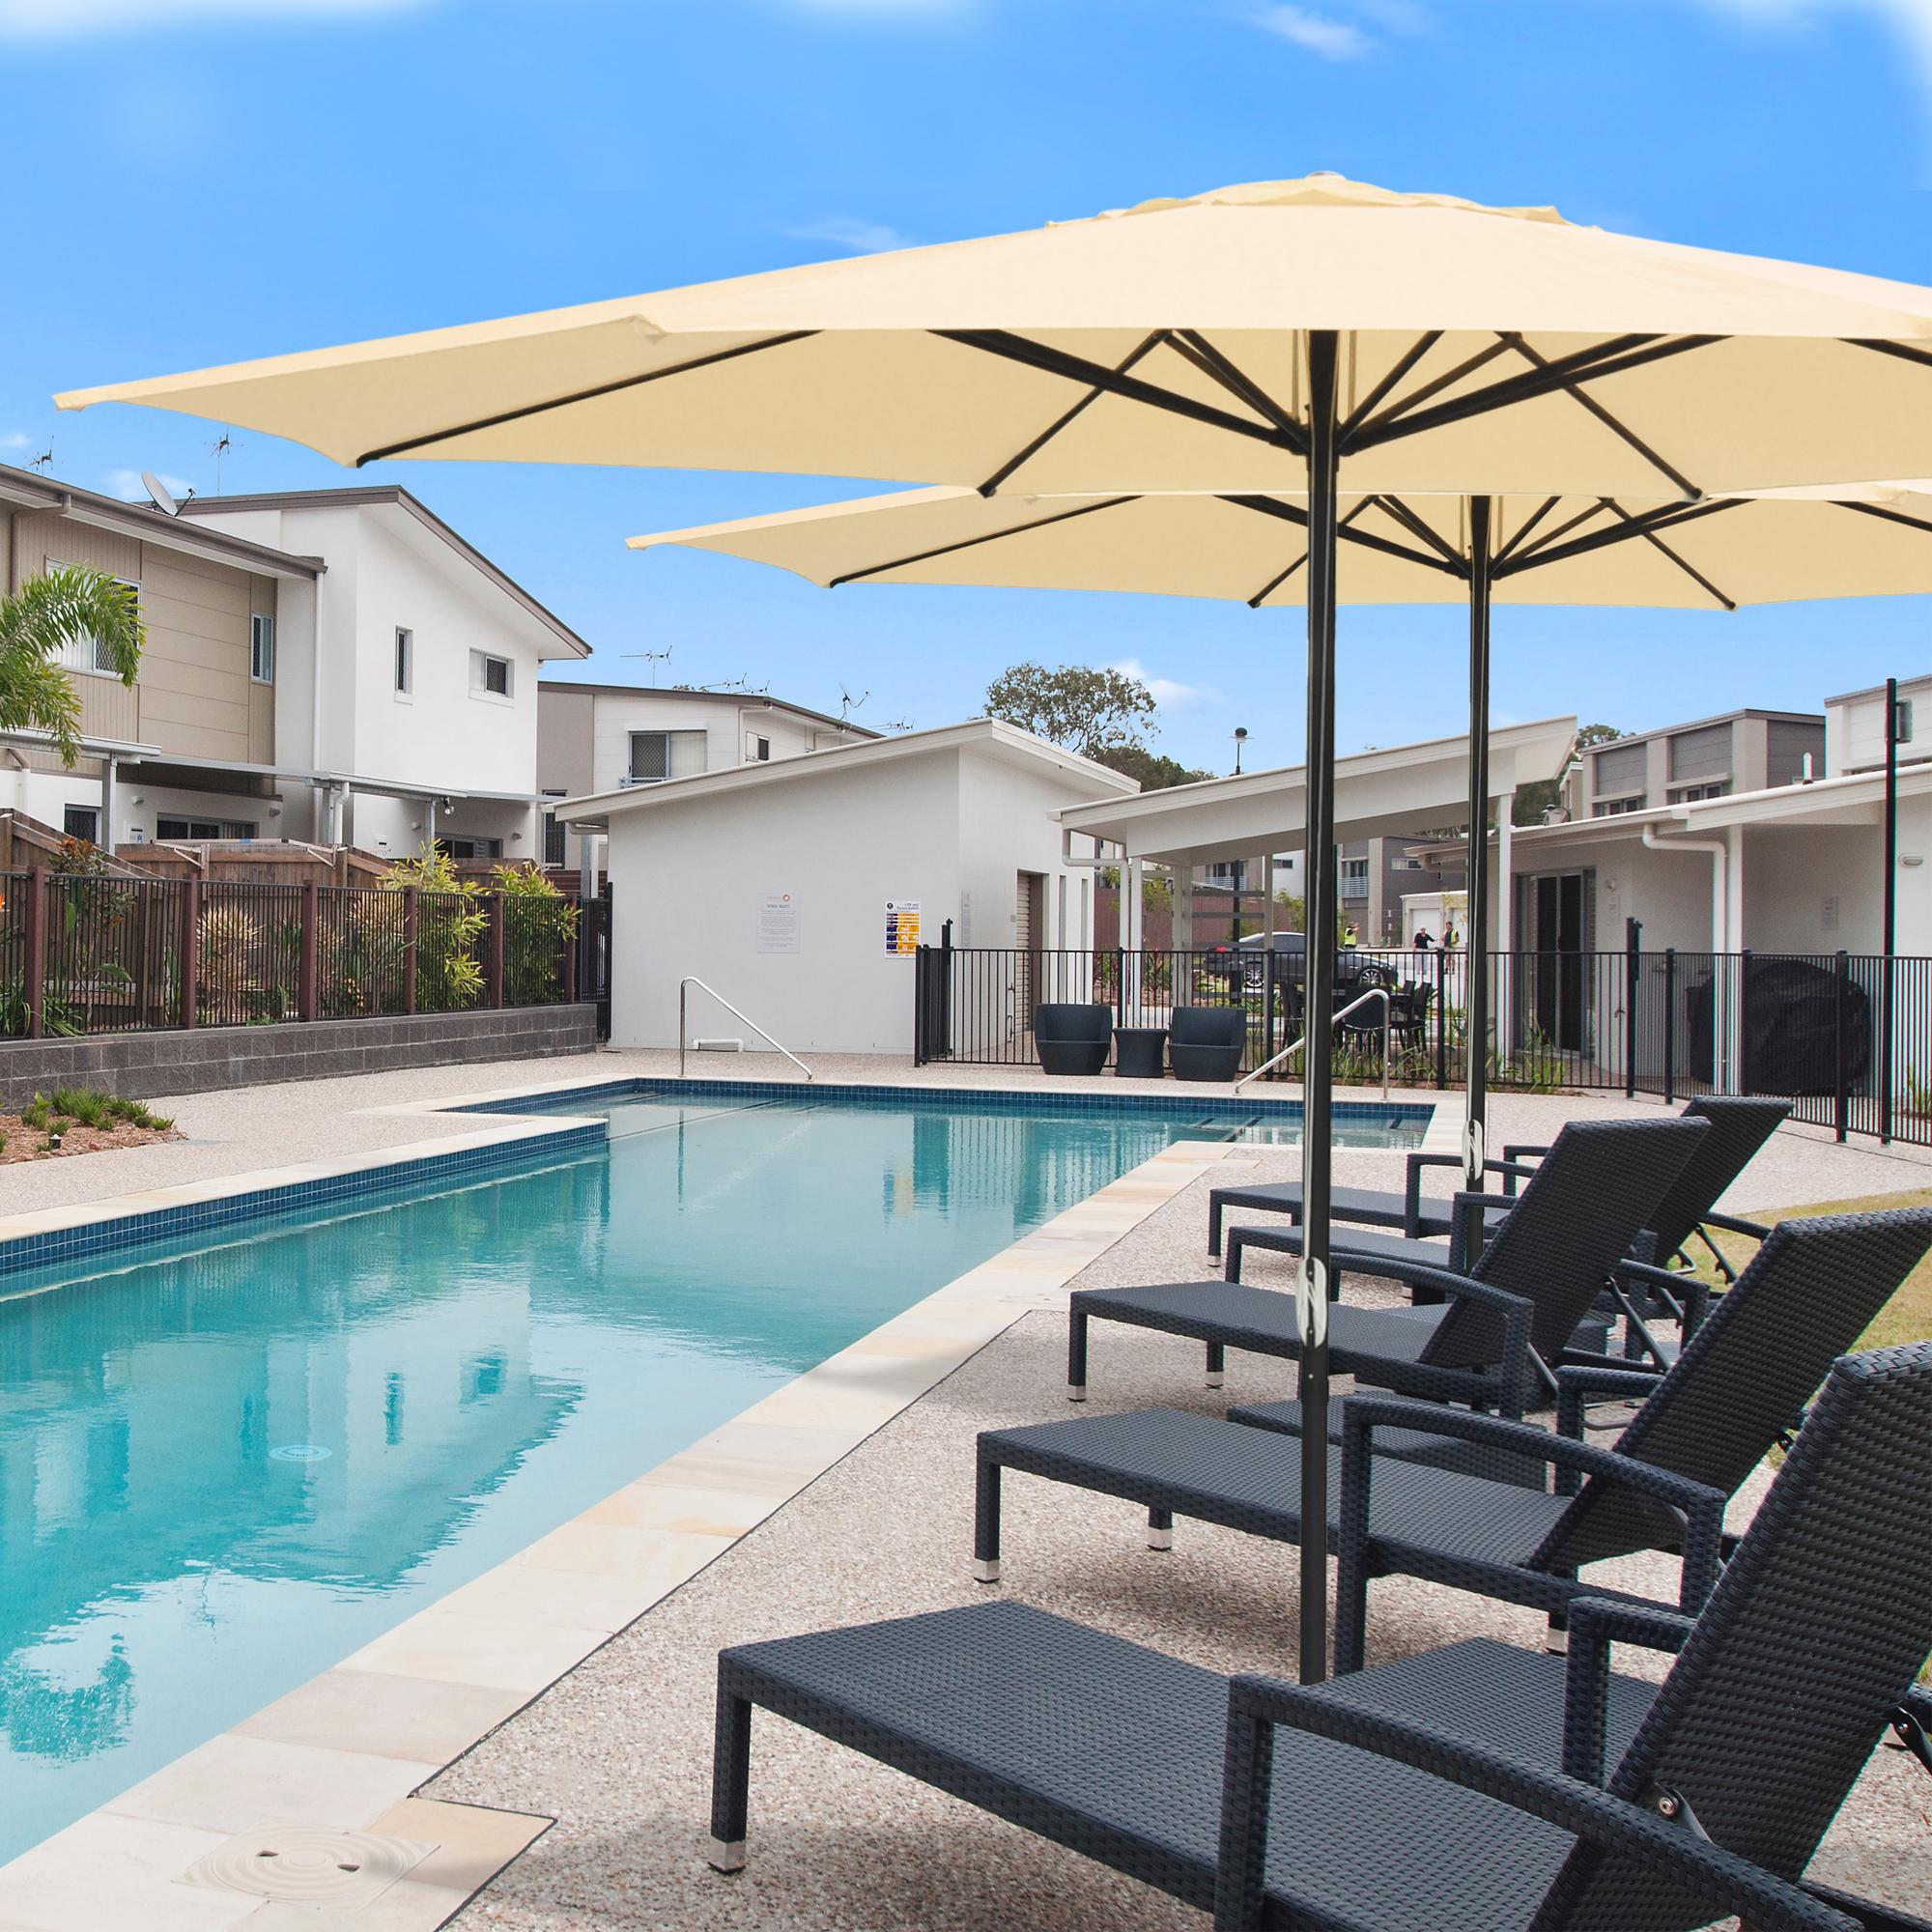 thumbnail 26 - 13' FT Sun Shade Patio Aluminum Umbrella UV30+ Outdoor Market Garden Beach Deck